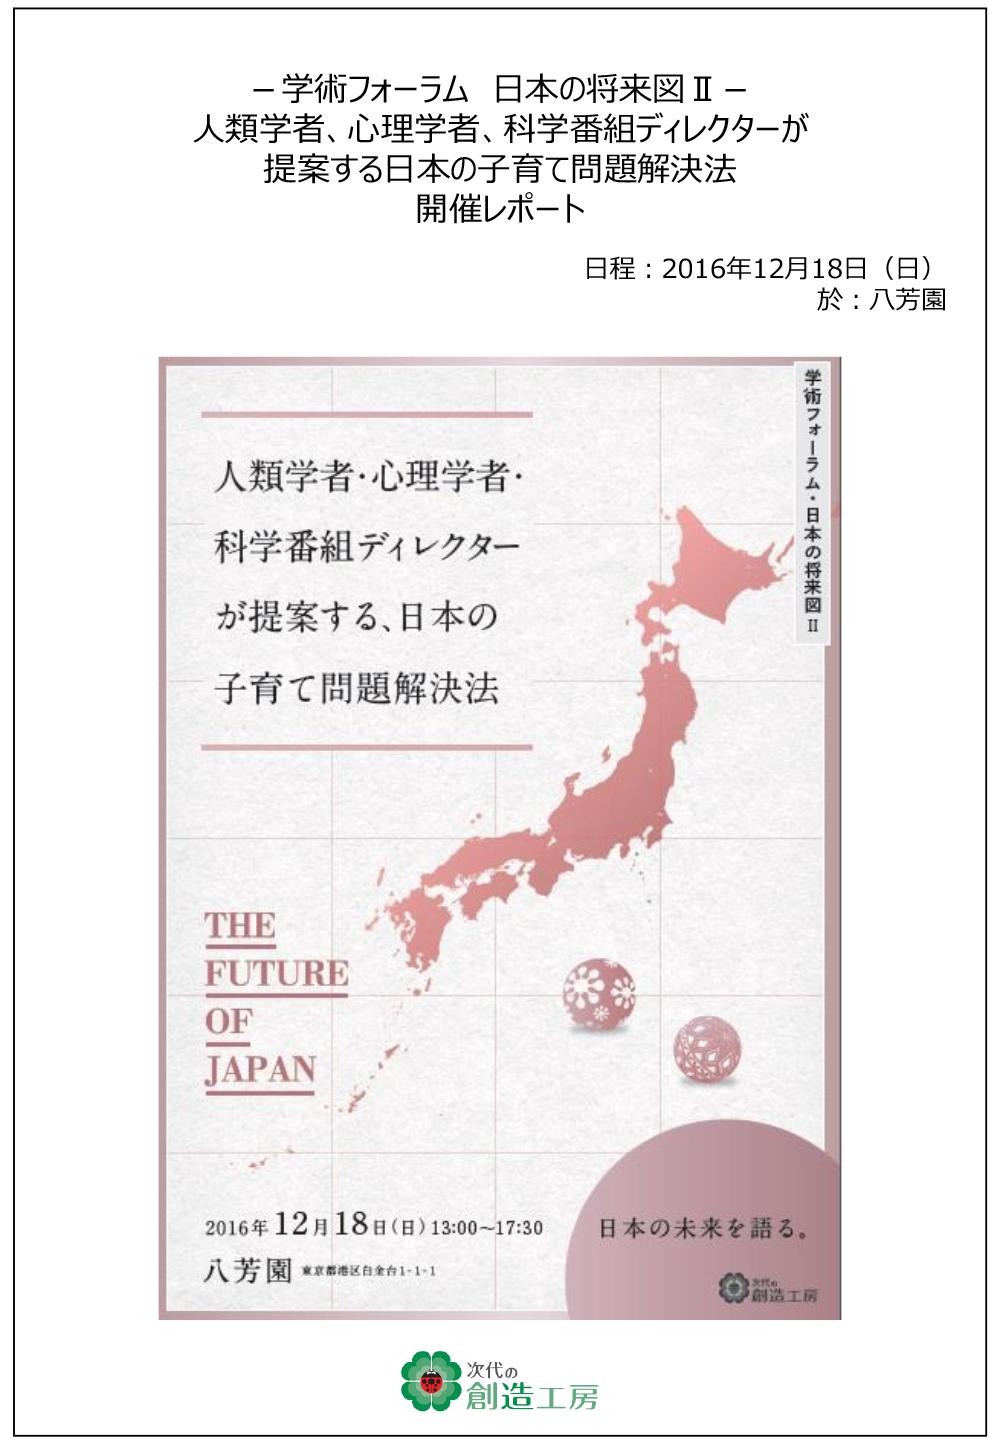 第2回 学術フォーラム 日本の将来図Ⅱ